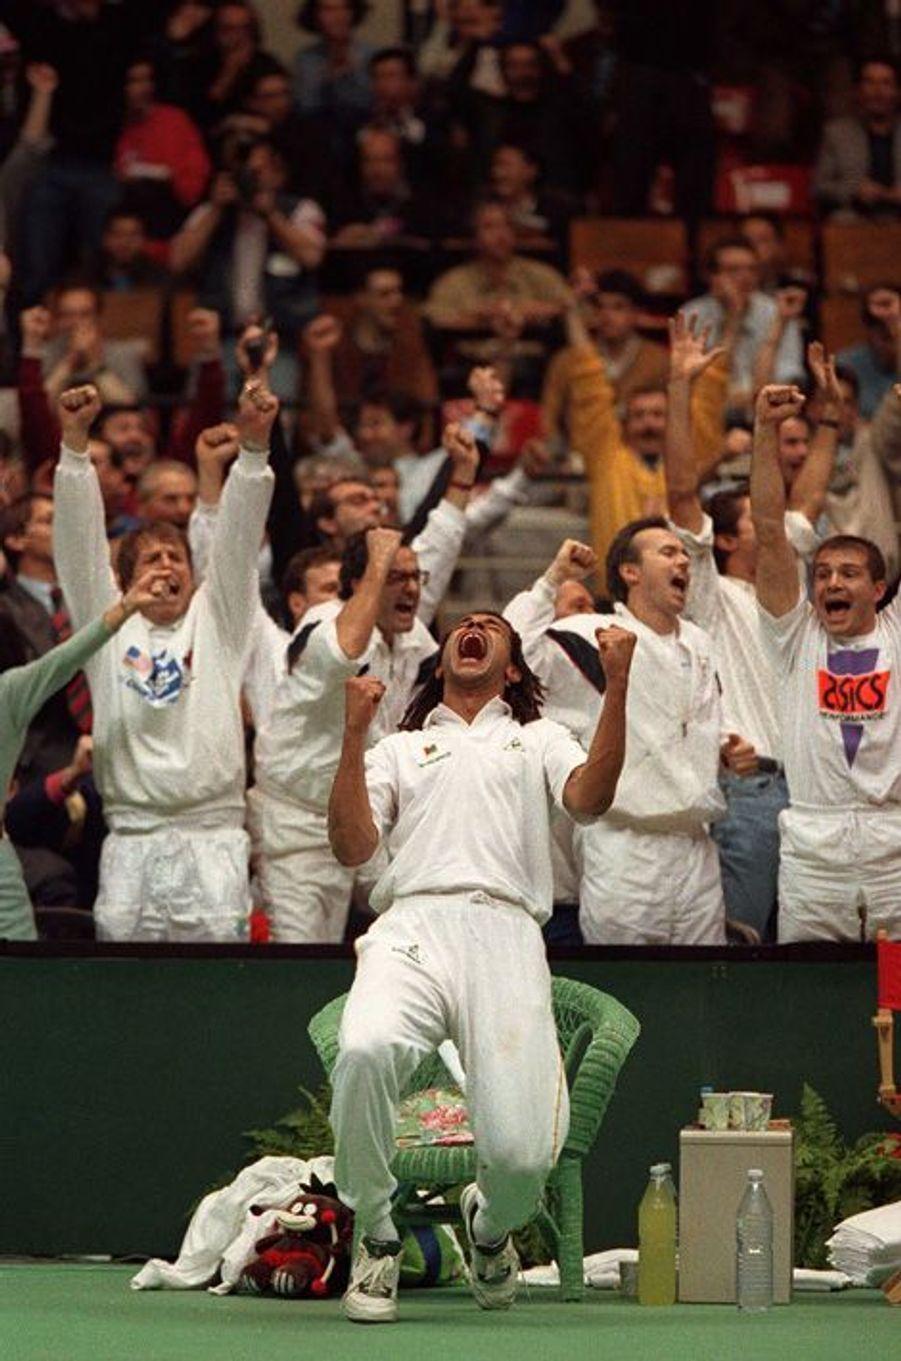 La joie de Yannick Noah après la finale face aux Etats-Unis en décembre 1991